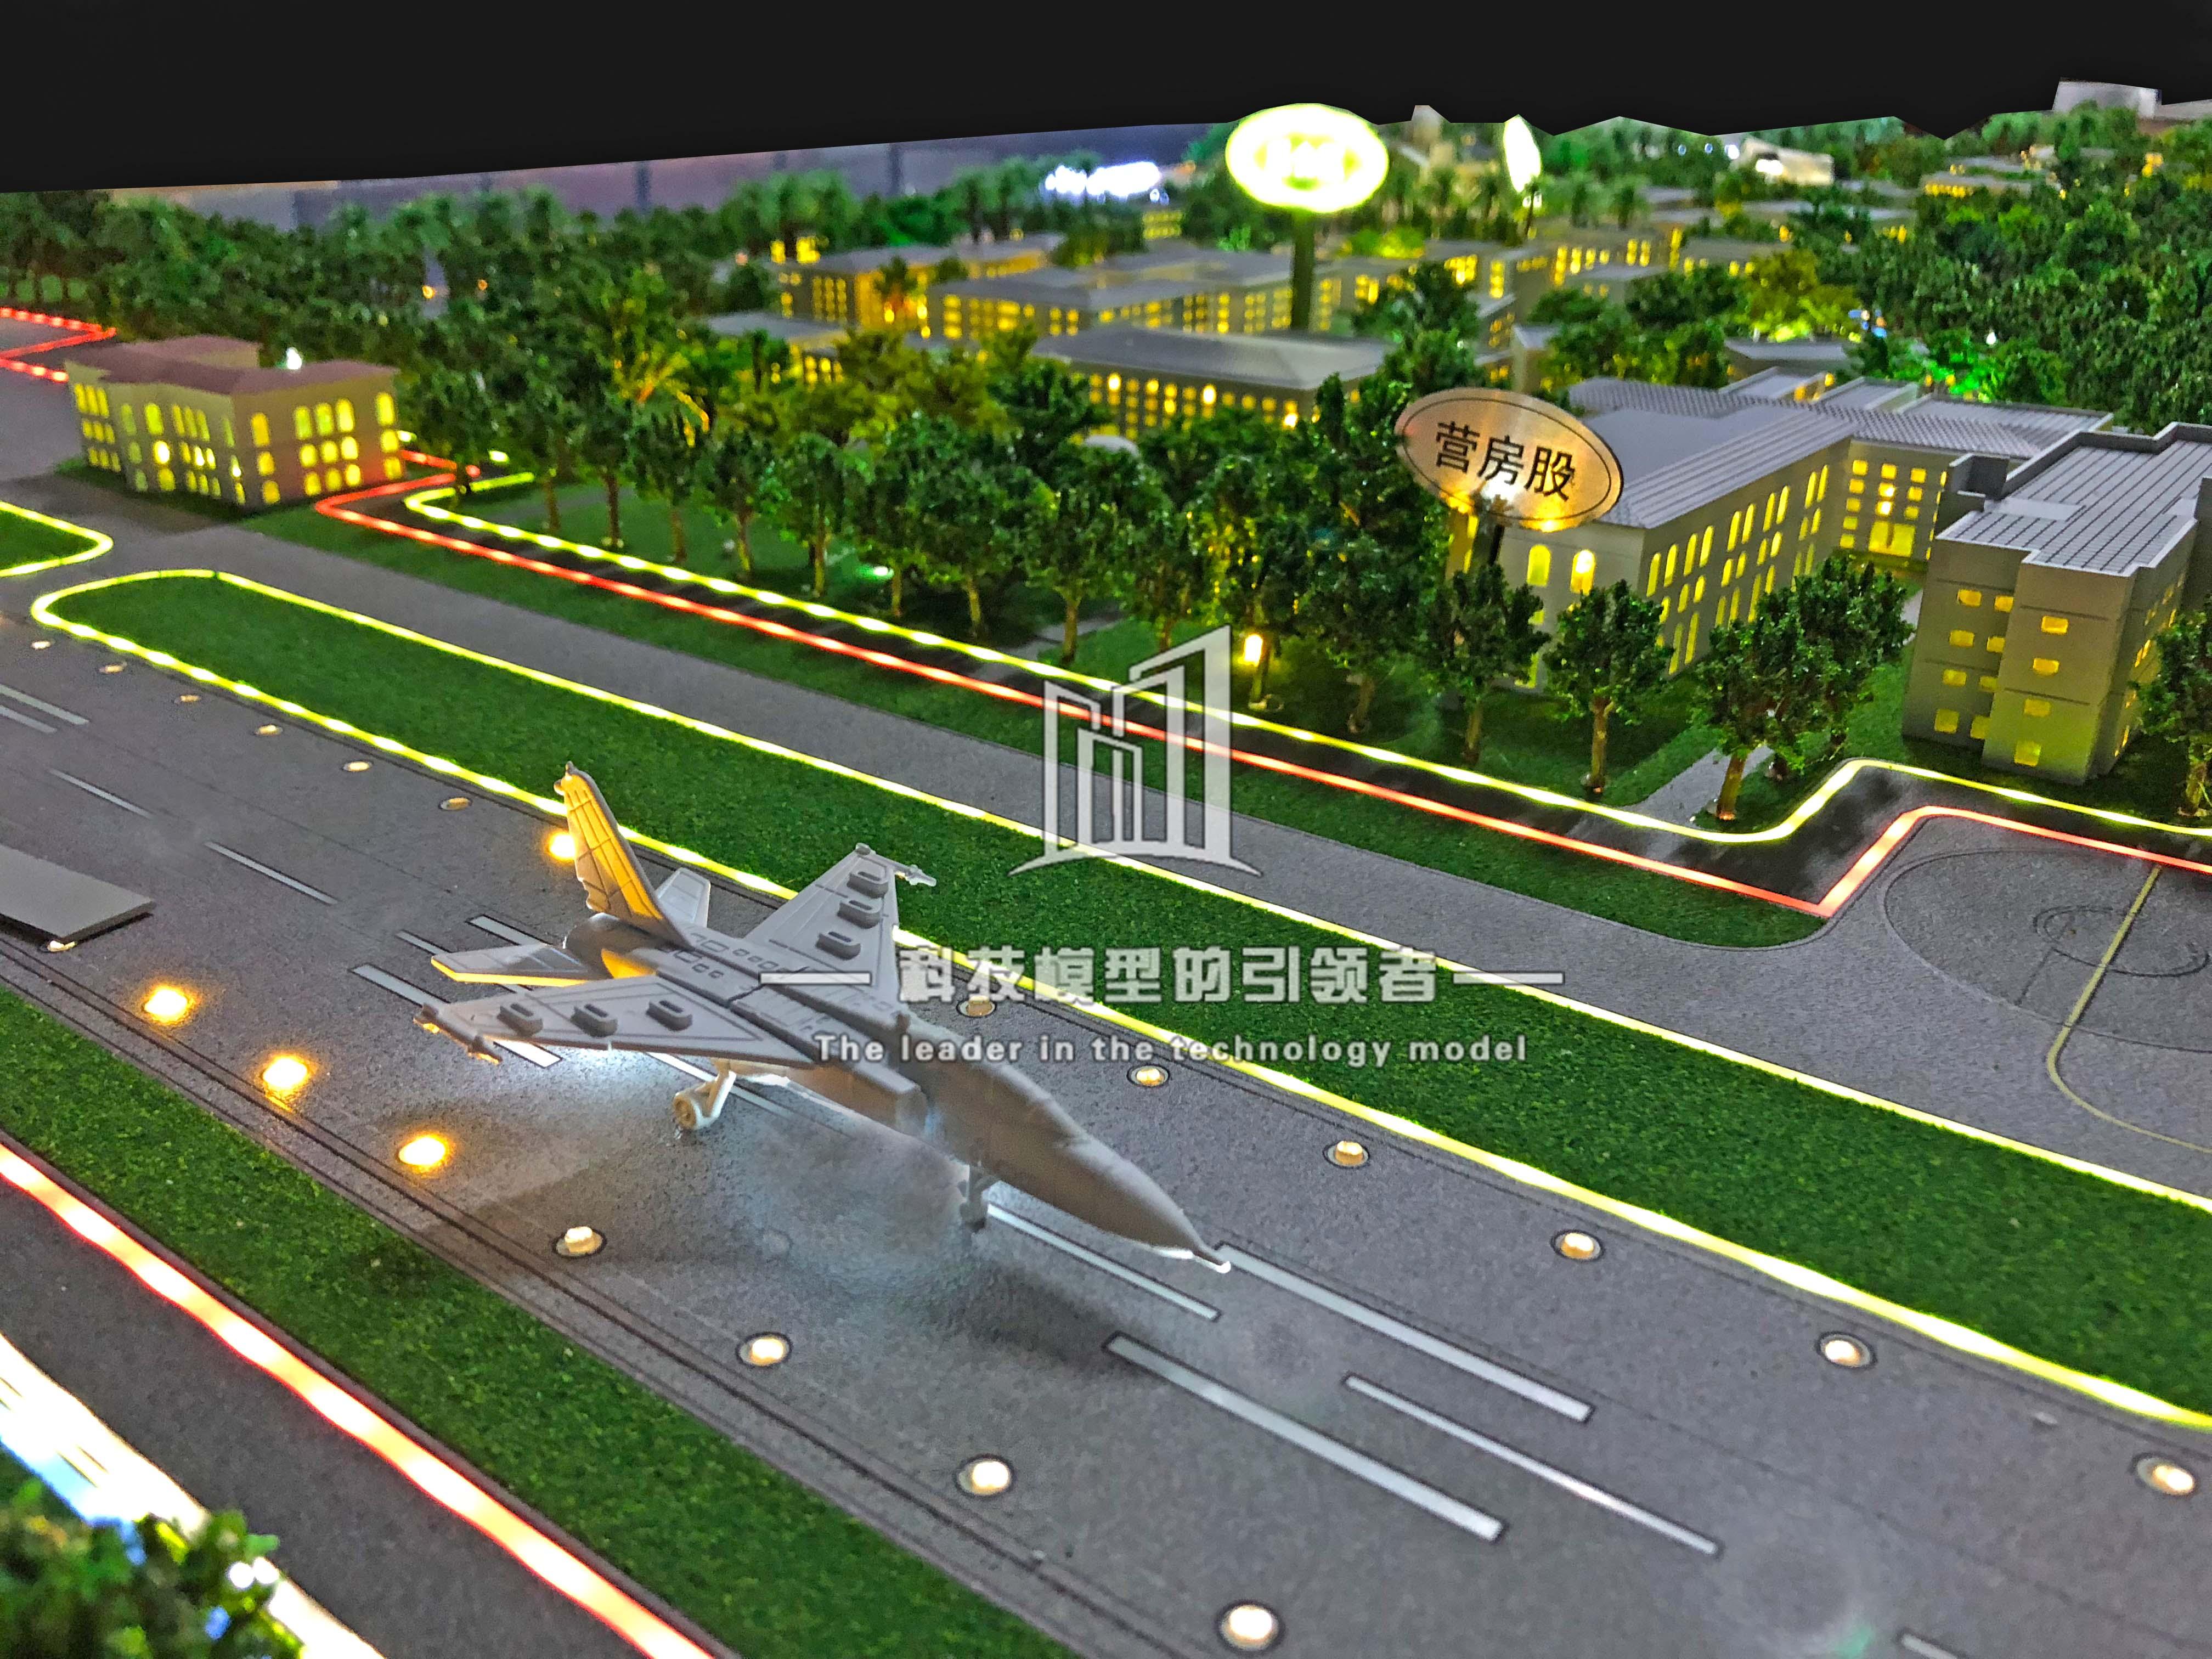 工业沙盘模型设计和生产的基本步骤